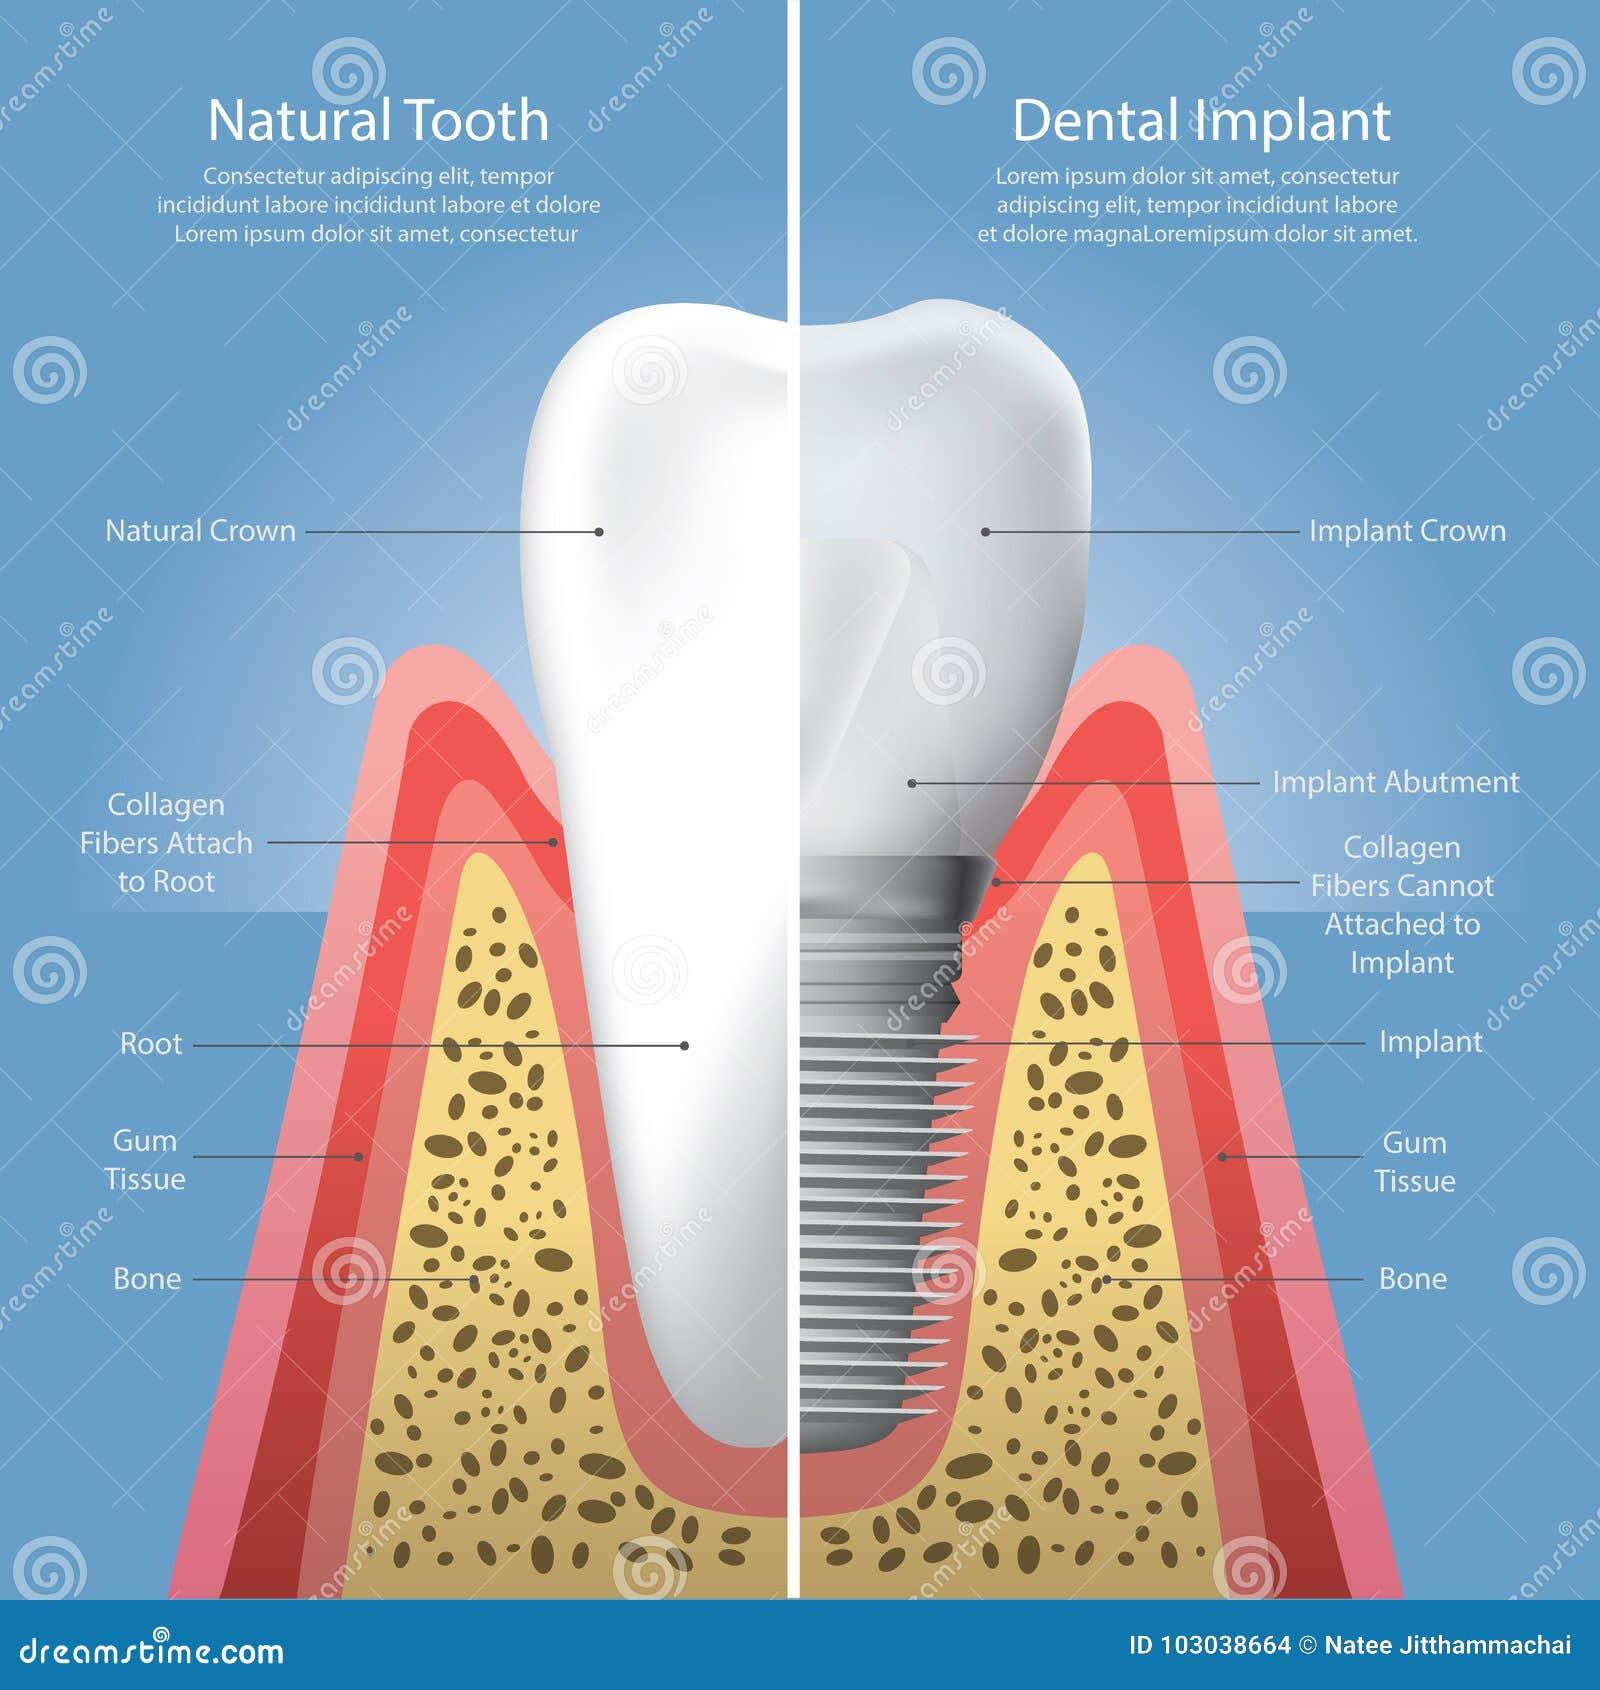 Menschliche Zähne Und Zahnimplantat Vektor Abbildung - Illustration ...